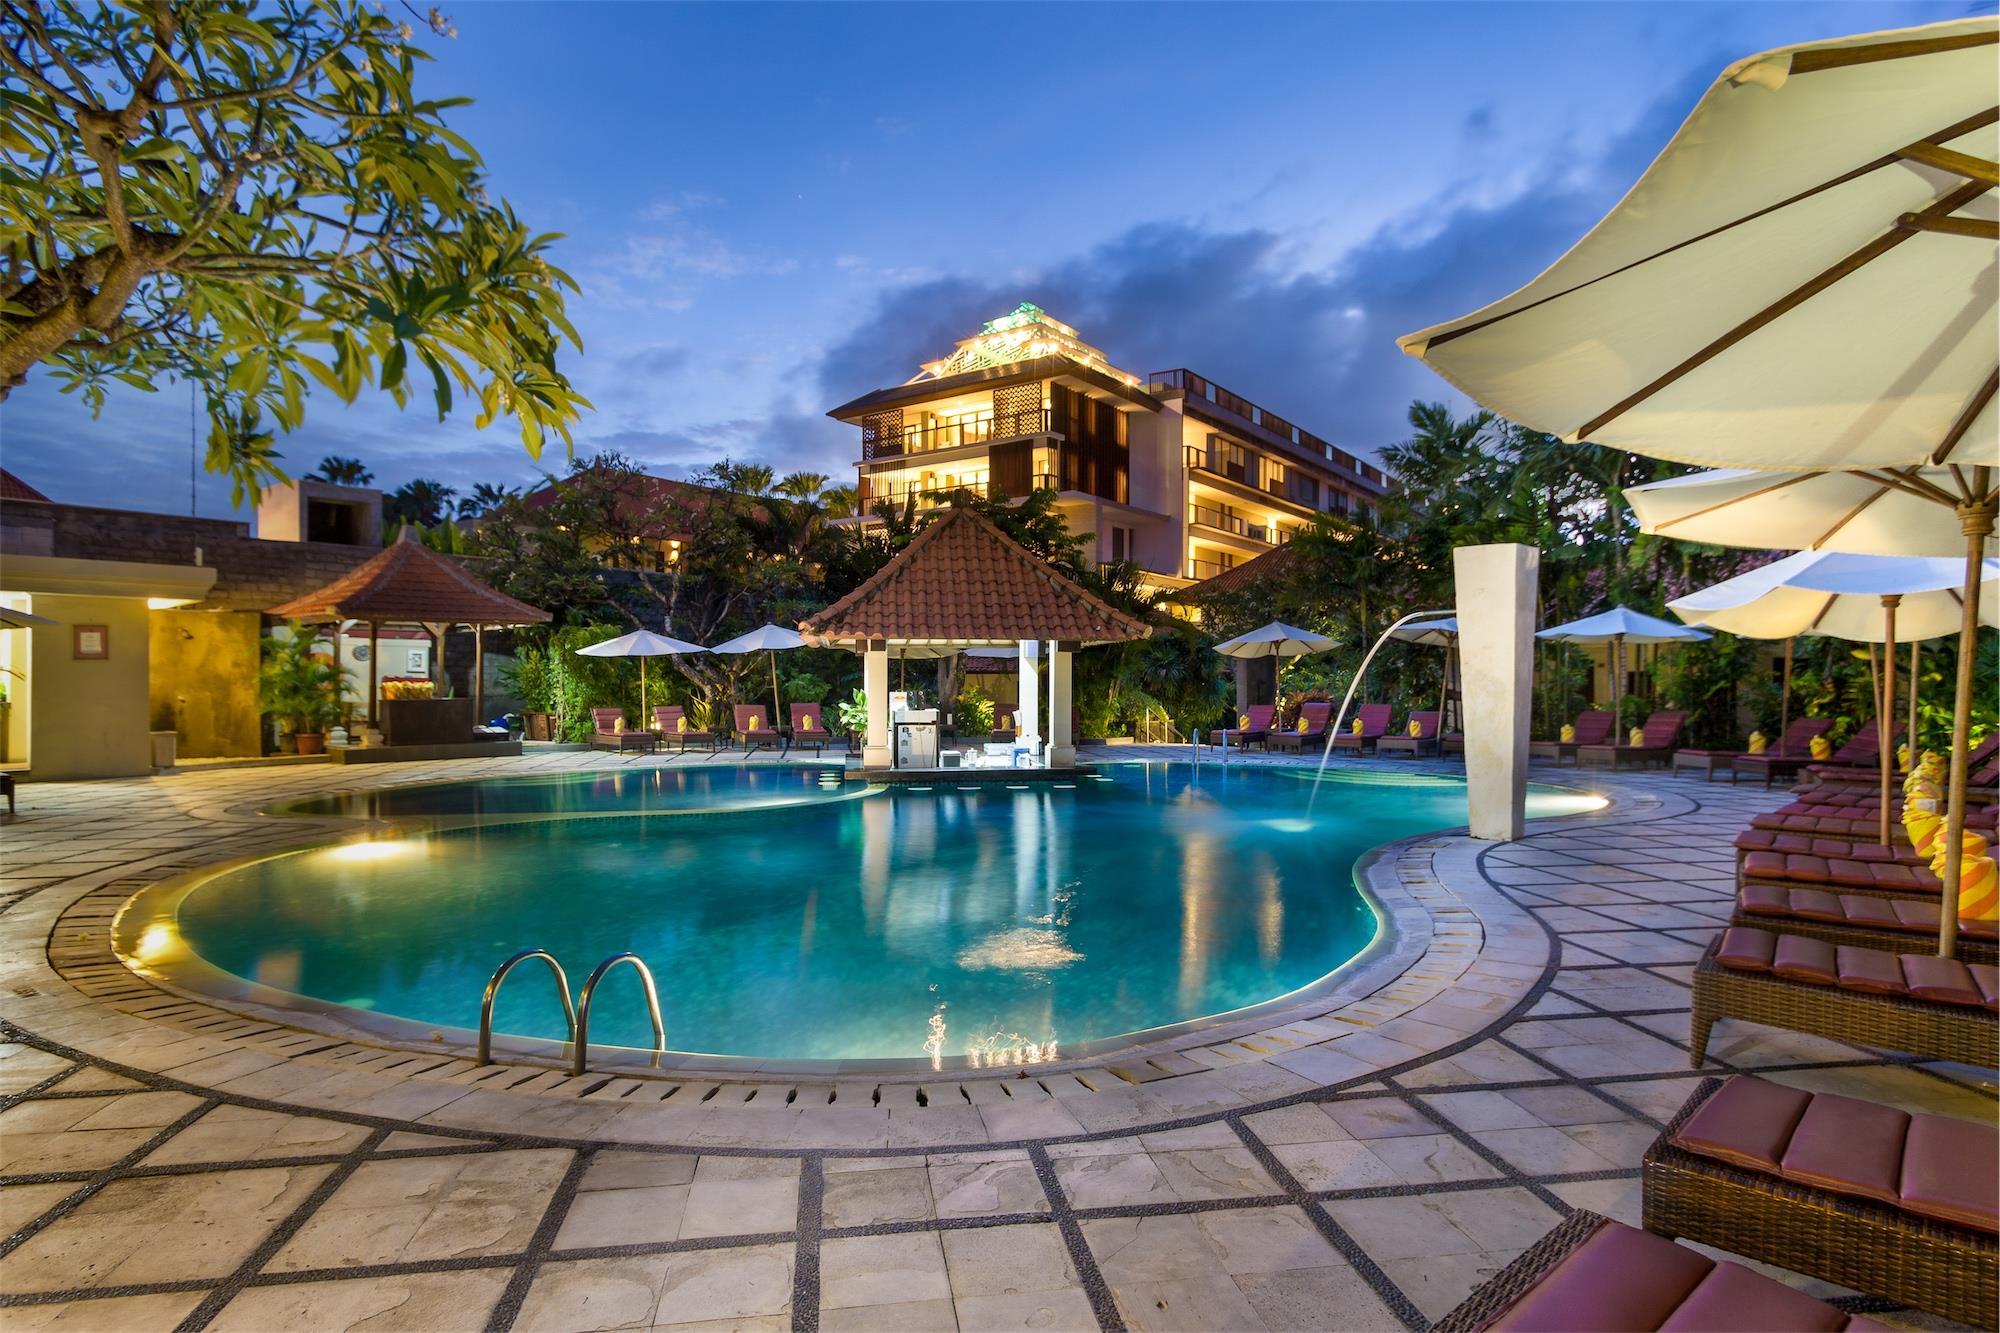 Hotel Puri Raja ホテル詳細